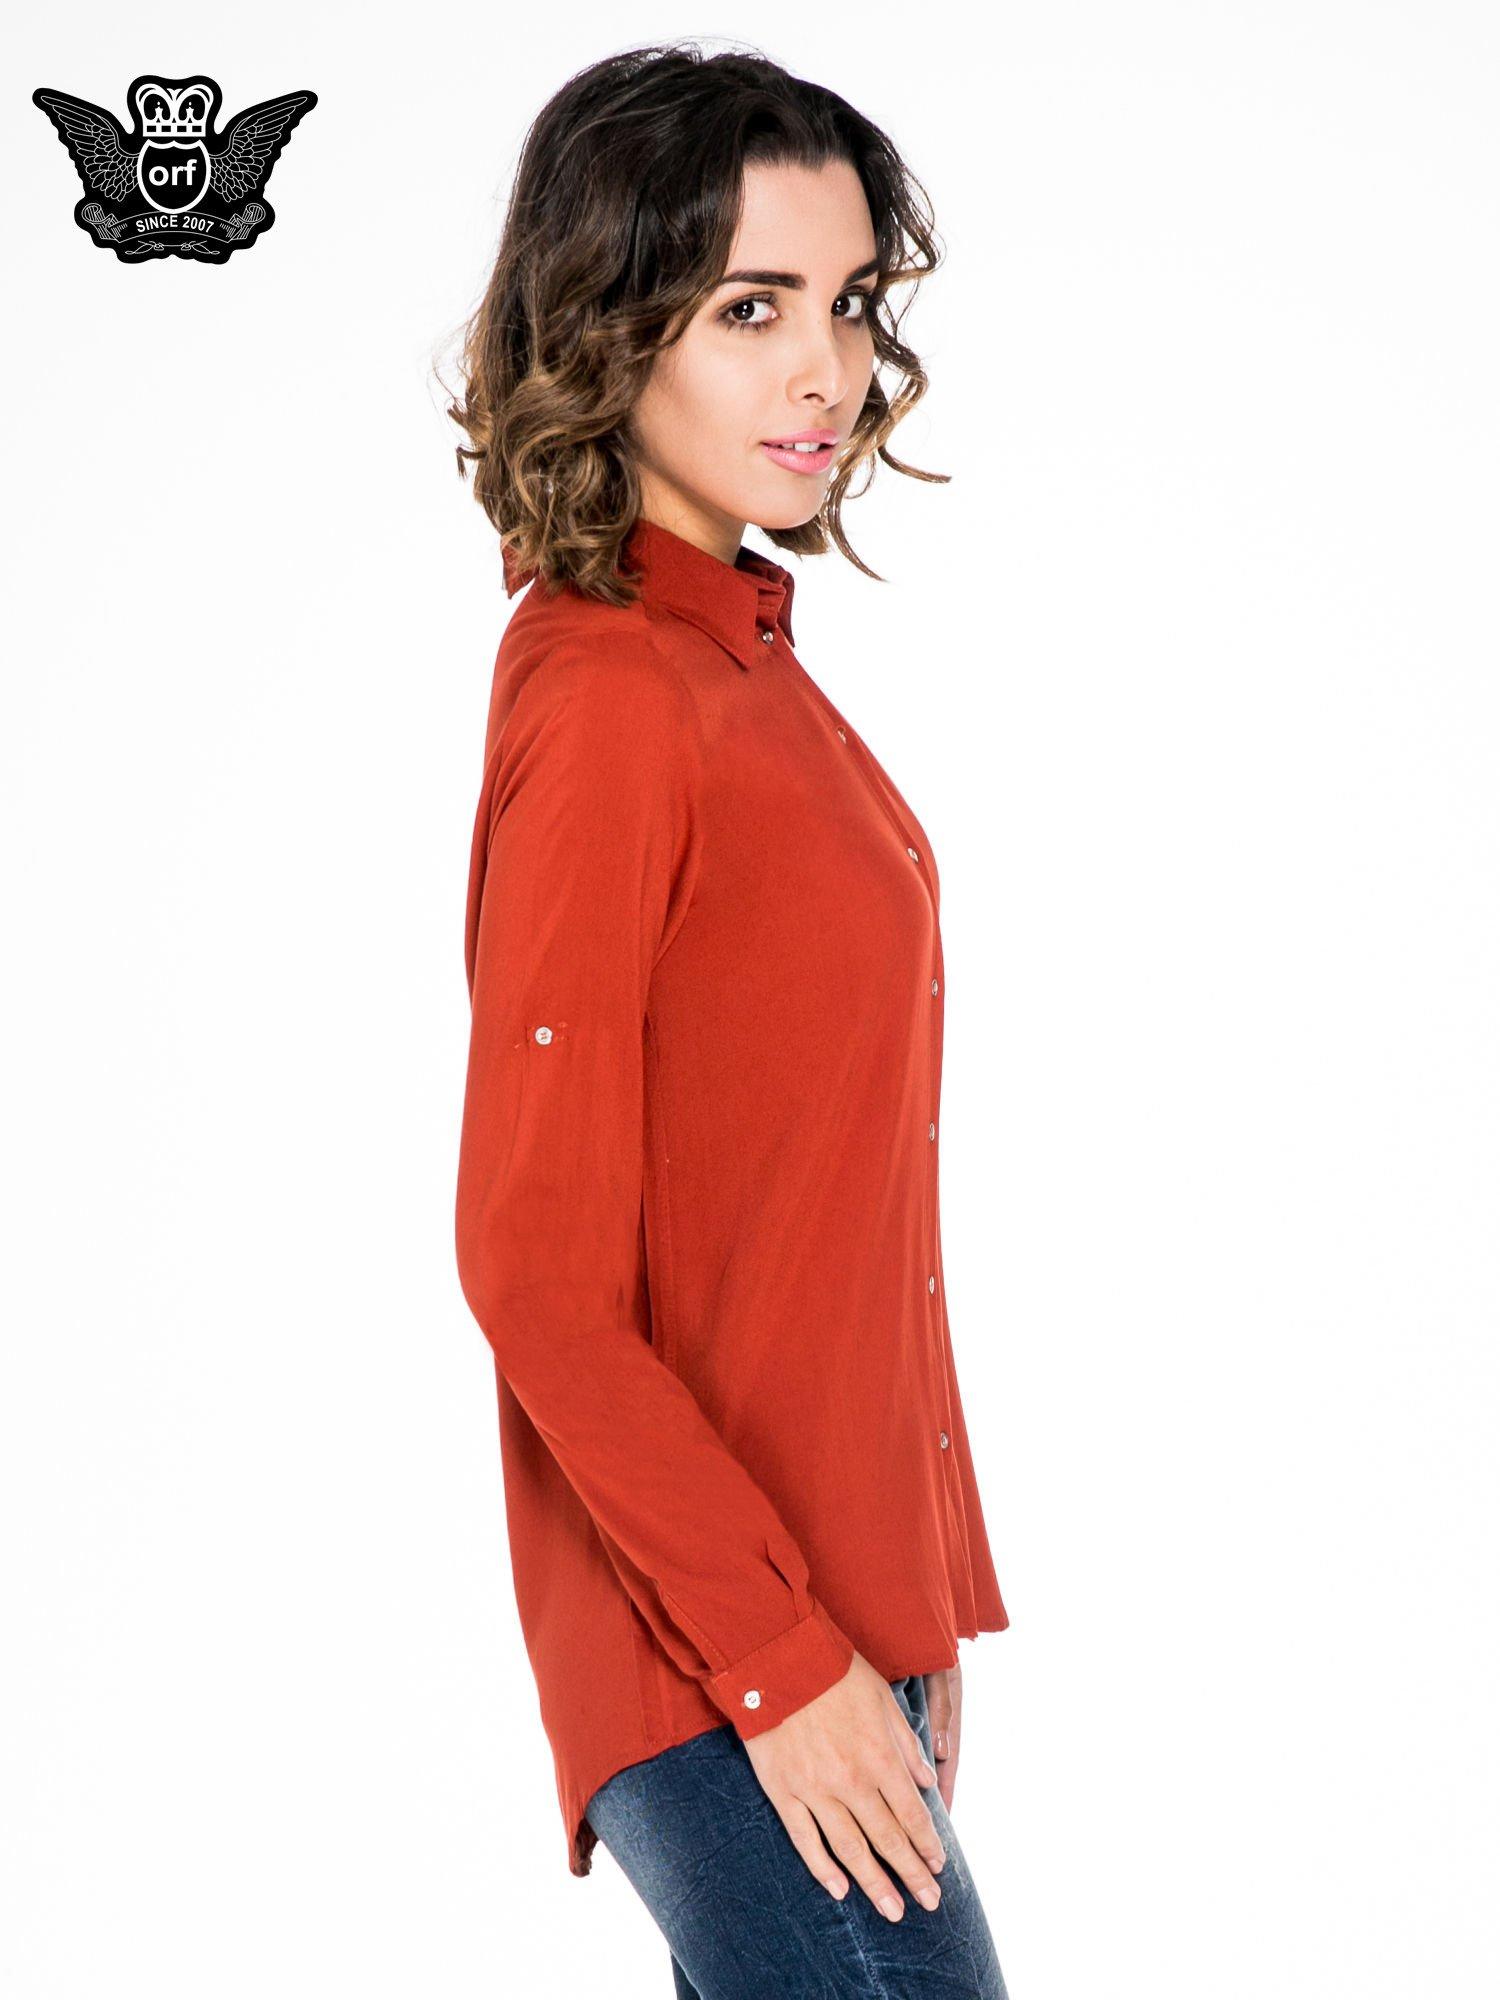 Pomarańczowa koszula damska z zamkiem z tyłu                                  zdj.                                  3